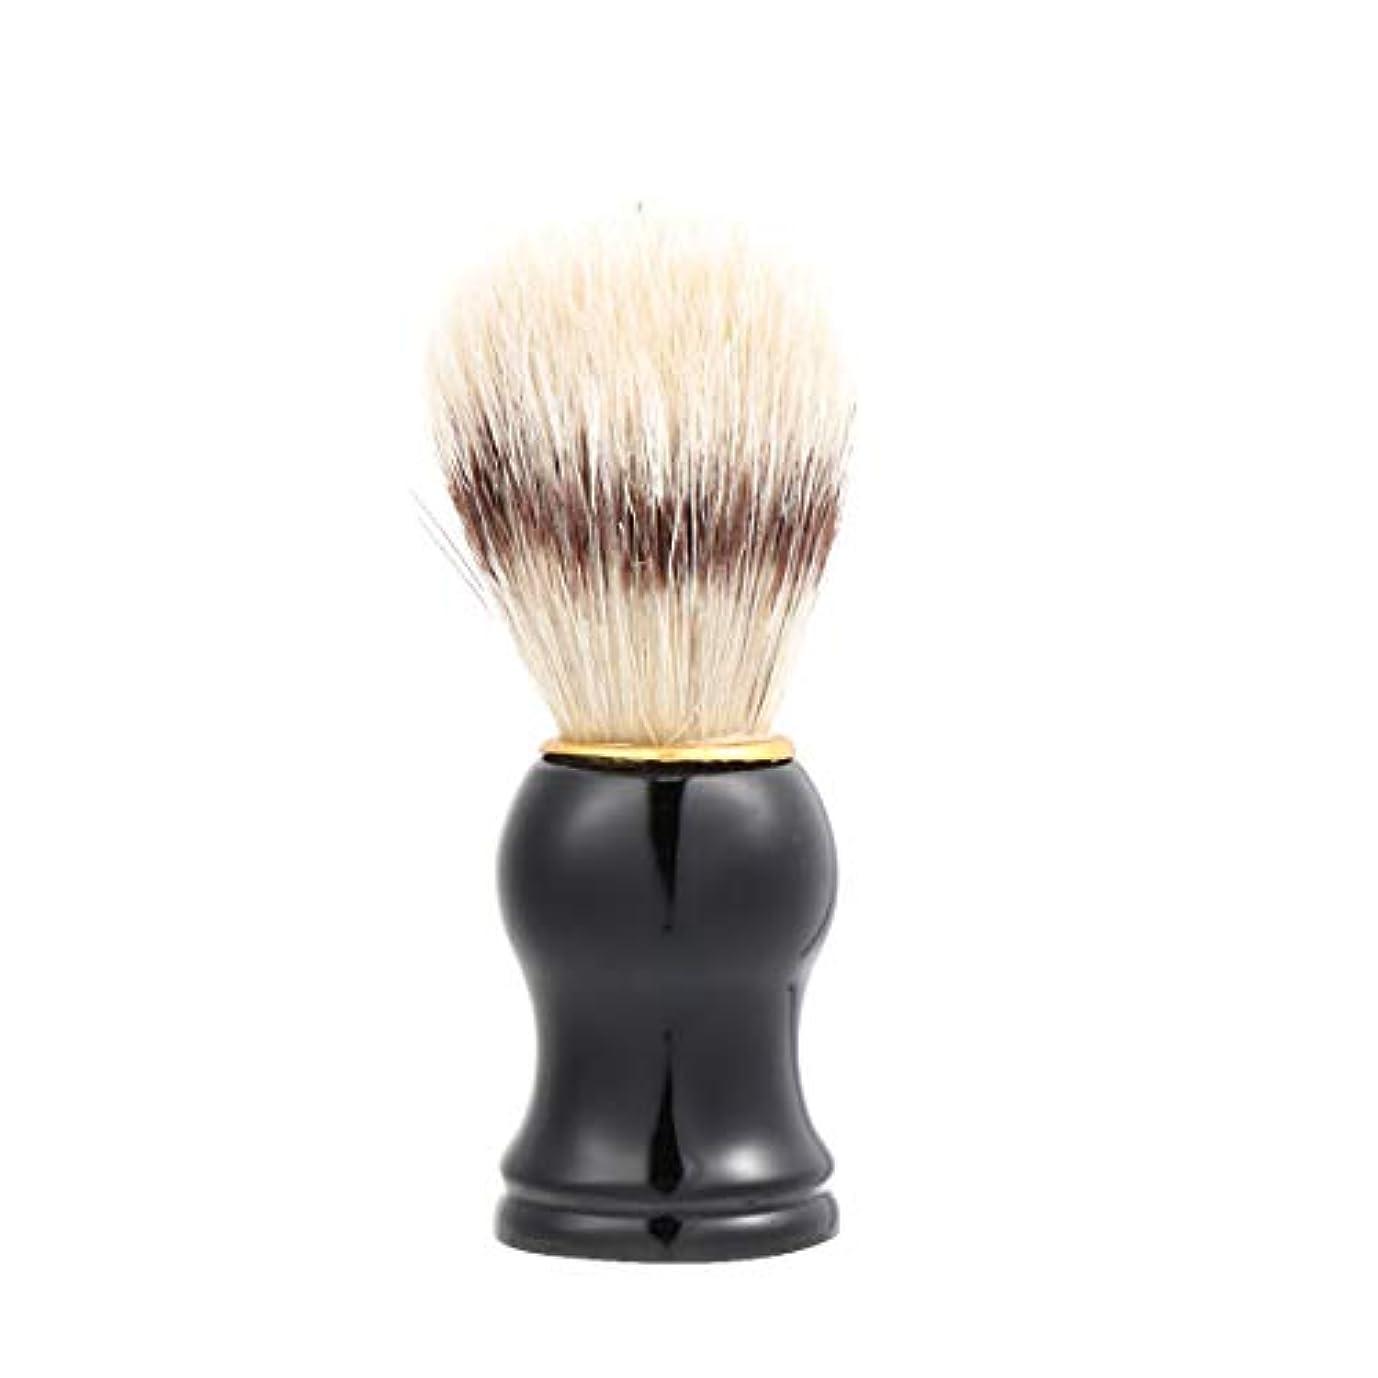 レギュラー焦げメーターLurrose 男性の剃毛ブラシ 毛髭ひげ 剃毛ブラシ ソフト フェイシャルケア ヘアクレンジングブラシ